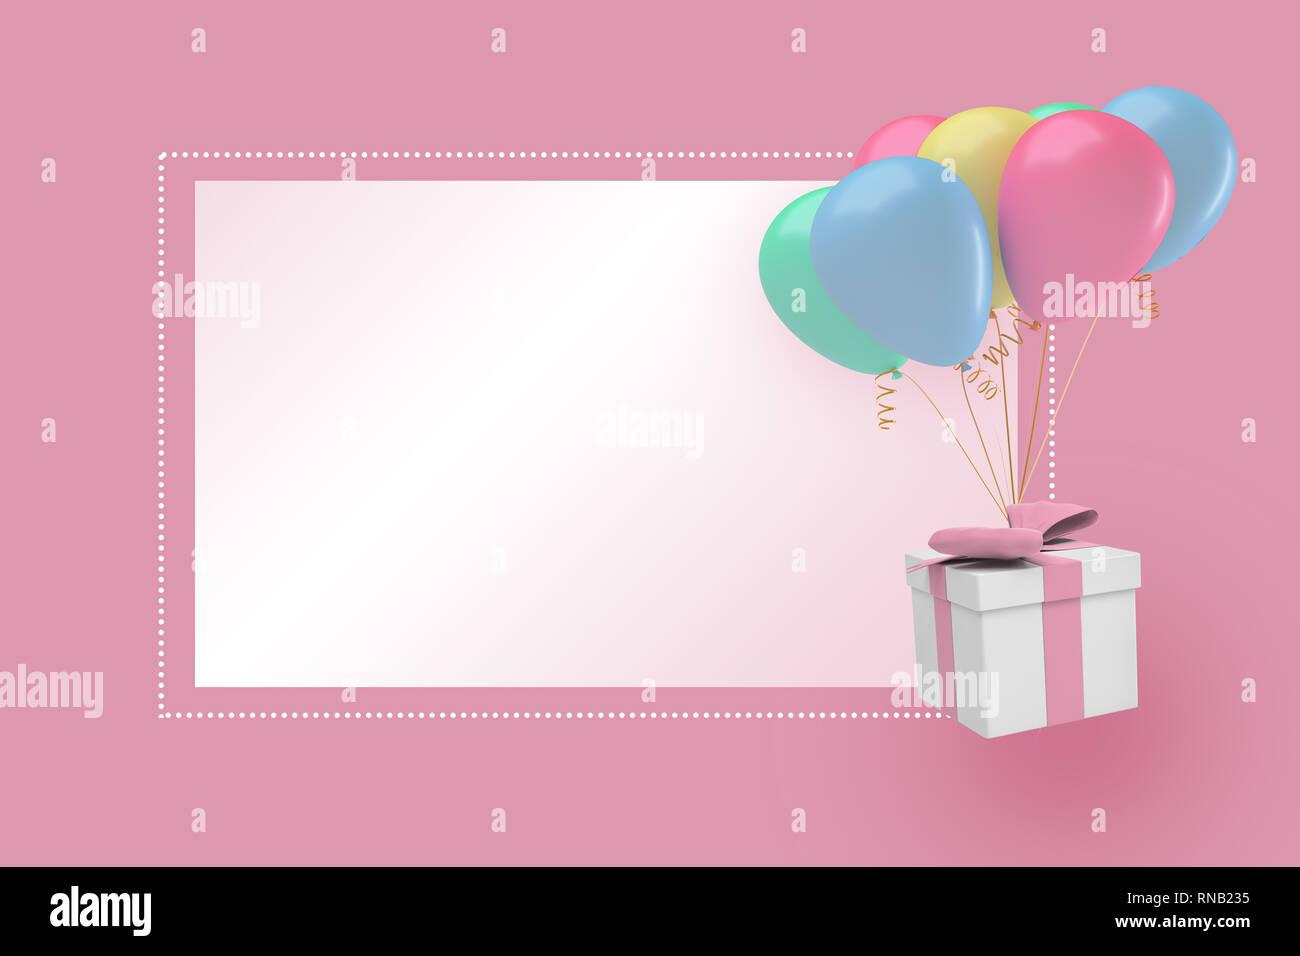 Representación 3D de un fondo de color rosa pastel con una caja de regalo y parte globos cerca de un bloque blanco o texto. Foto de stock